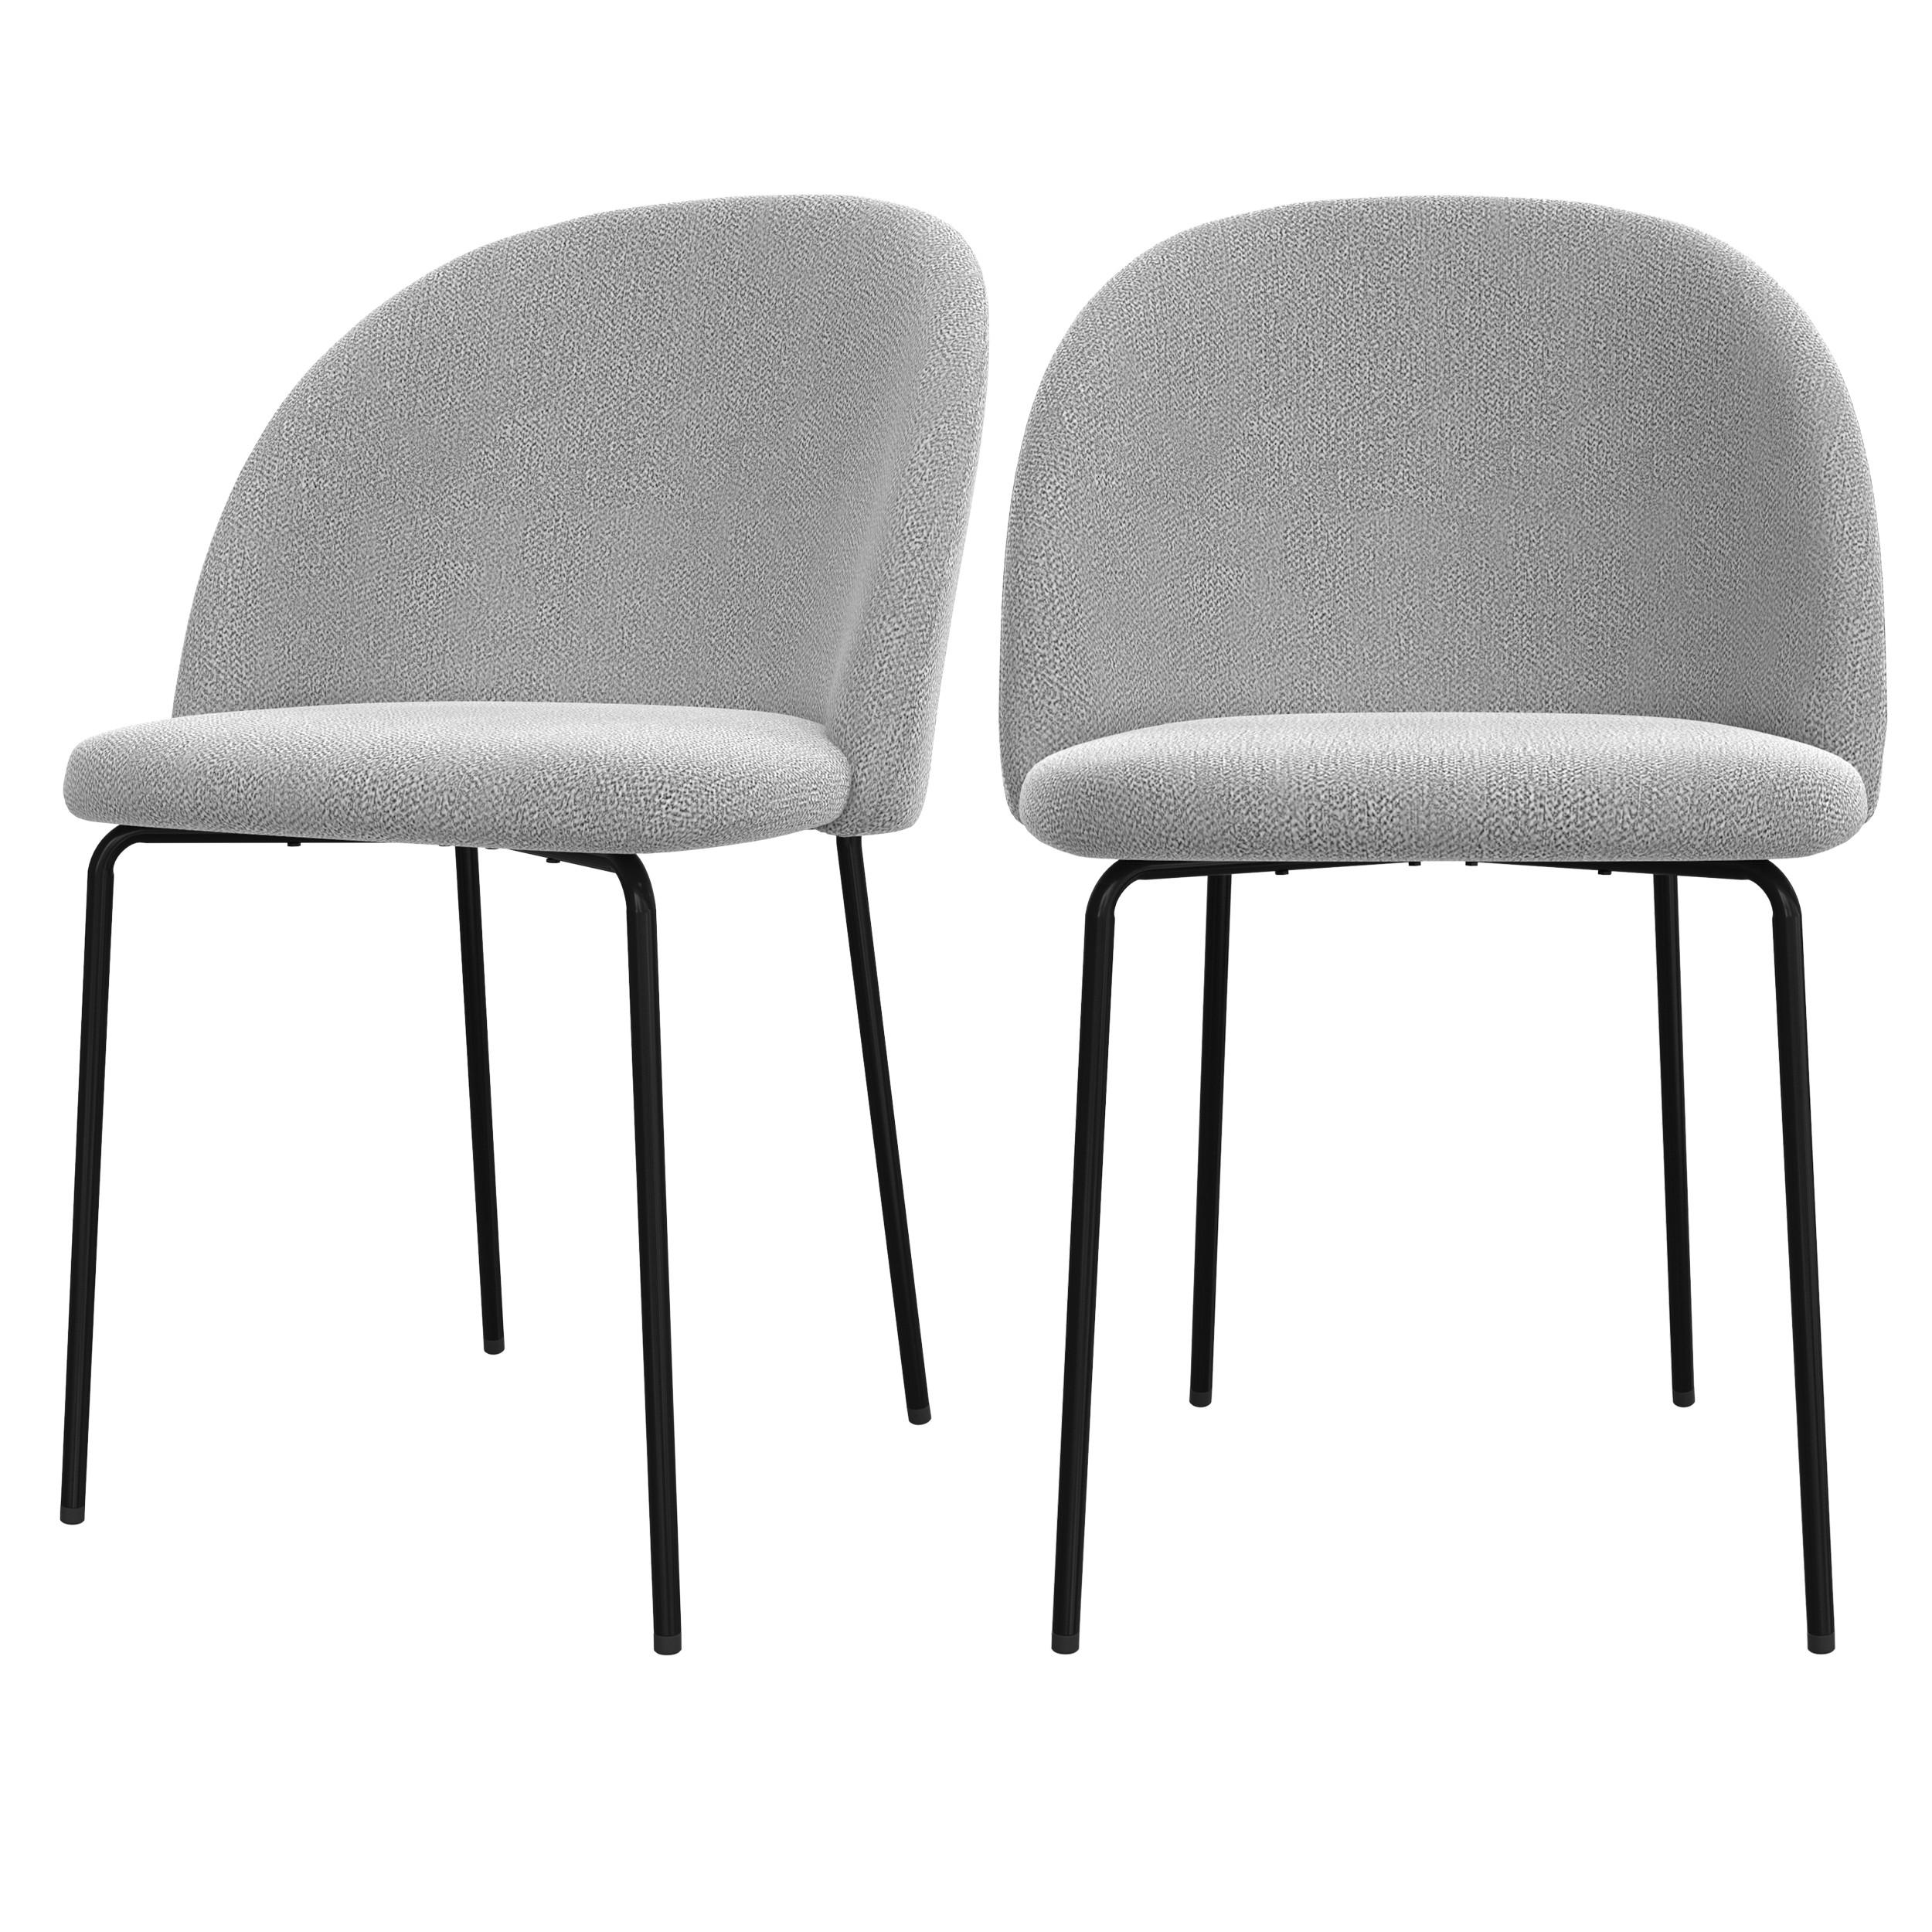 acheter chaise lot de 2 en tissu gris clair